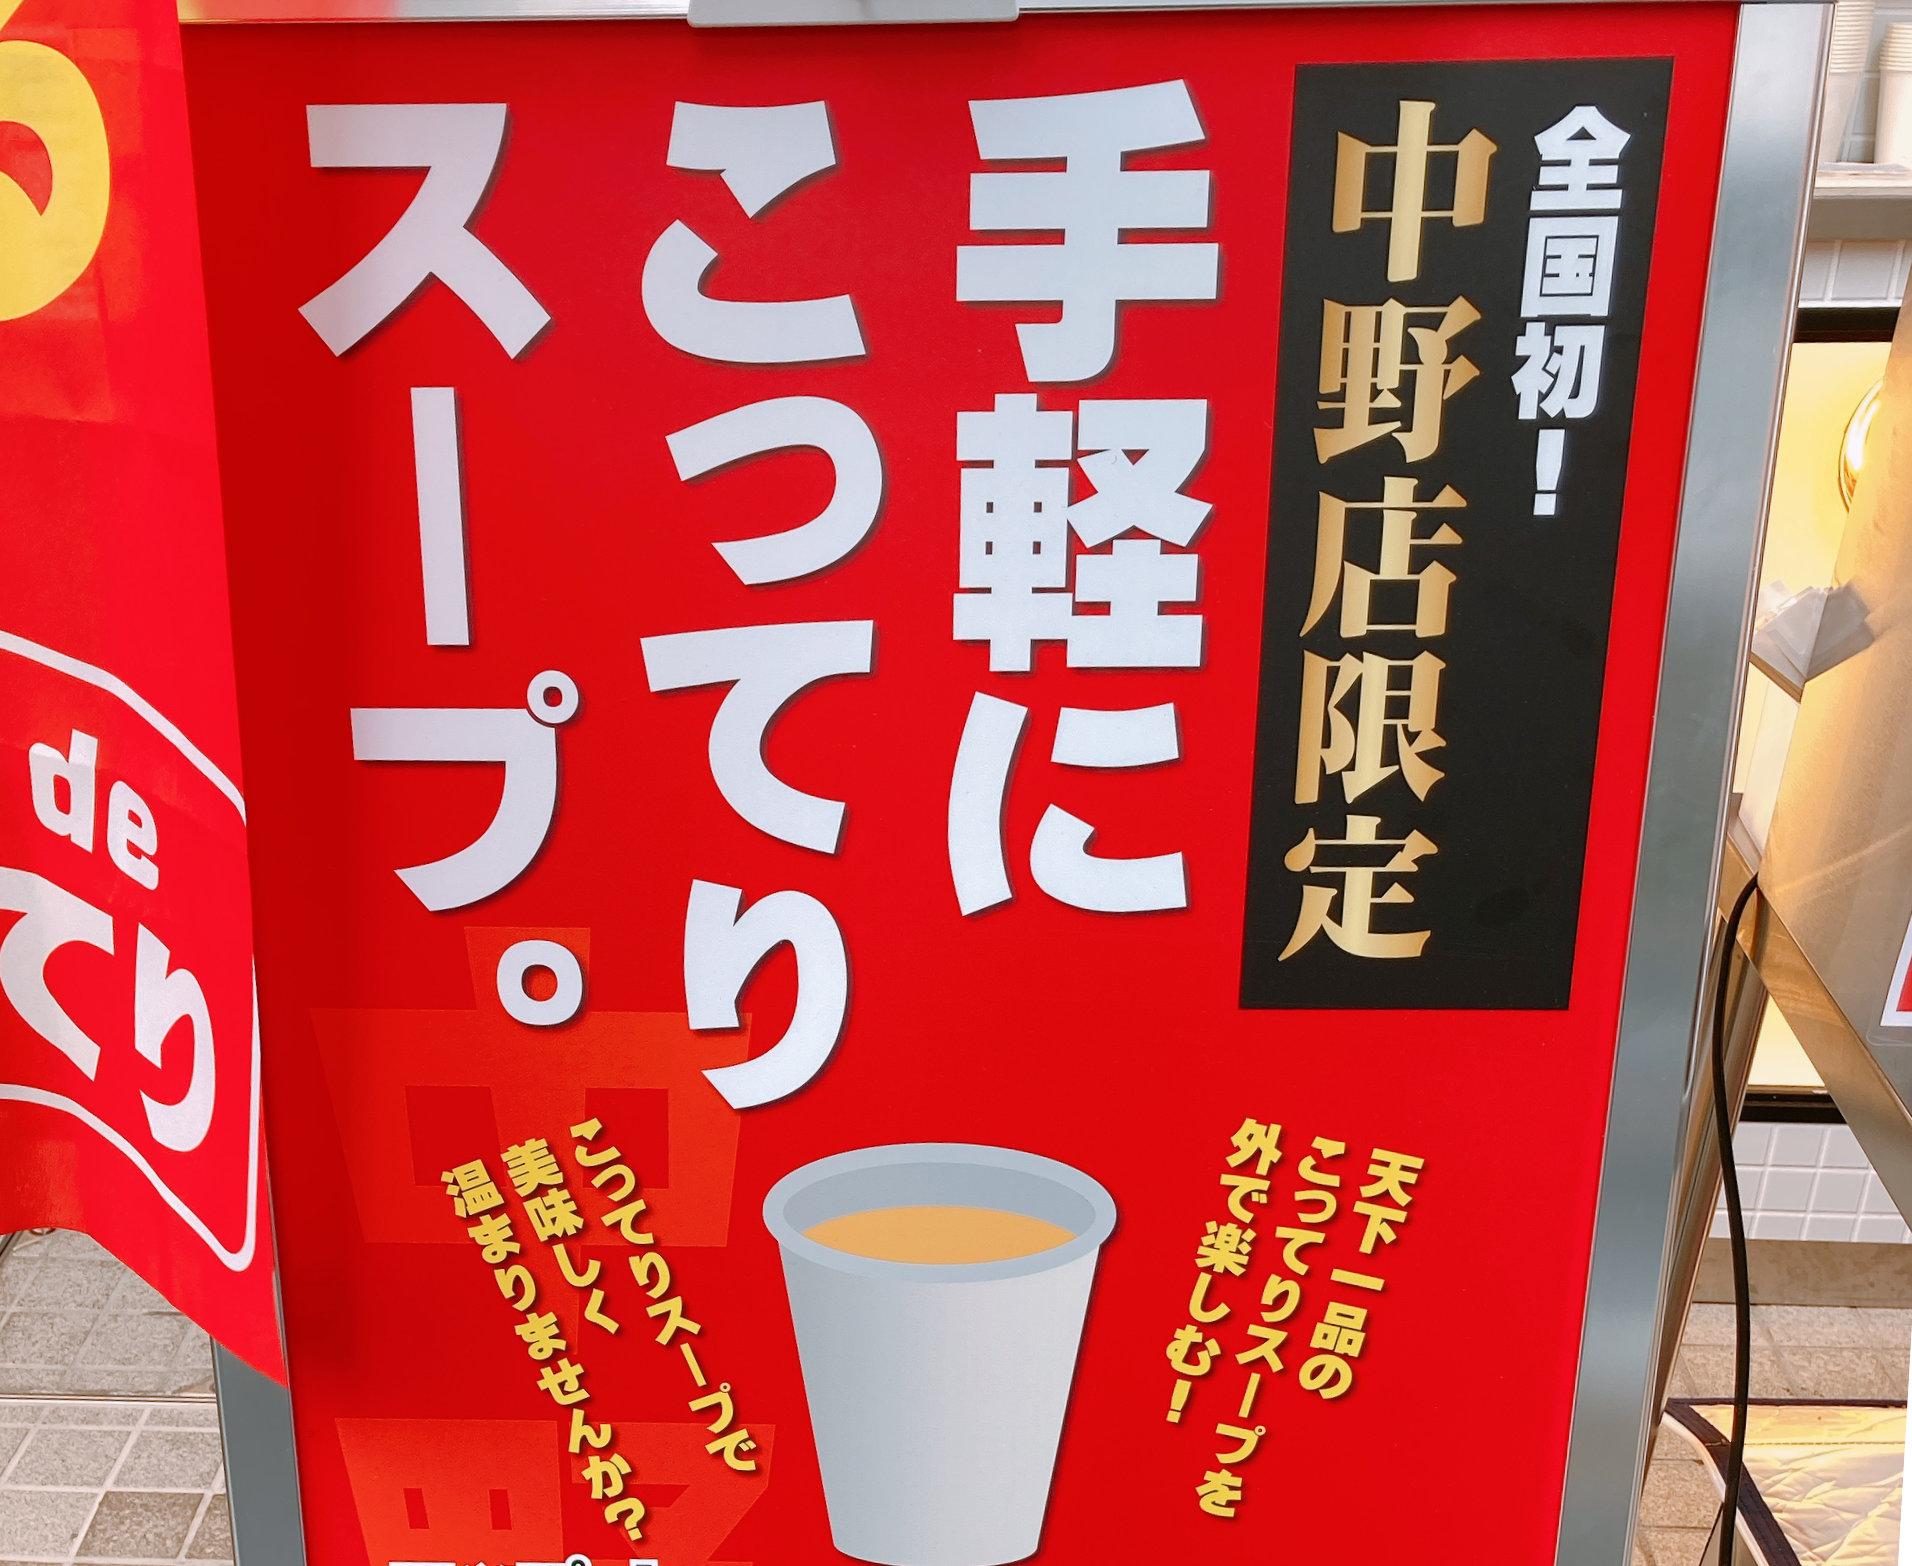 """【全国初】天下一品中野店限定の持ち帰りこってりスープ(税込150円)を買って、公園で """"こってり"""" してみた!"""